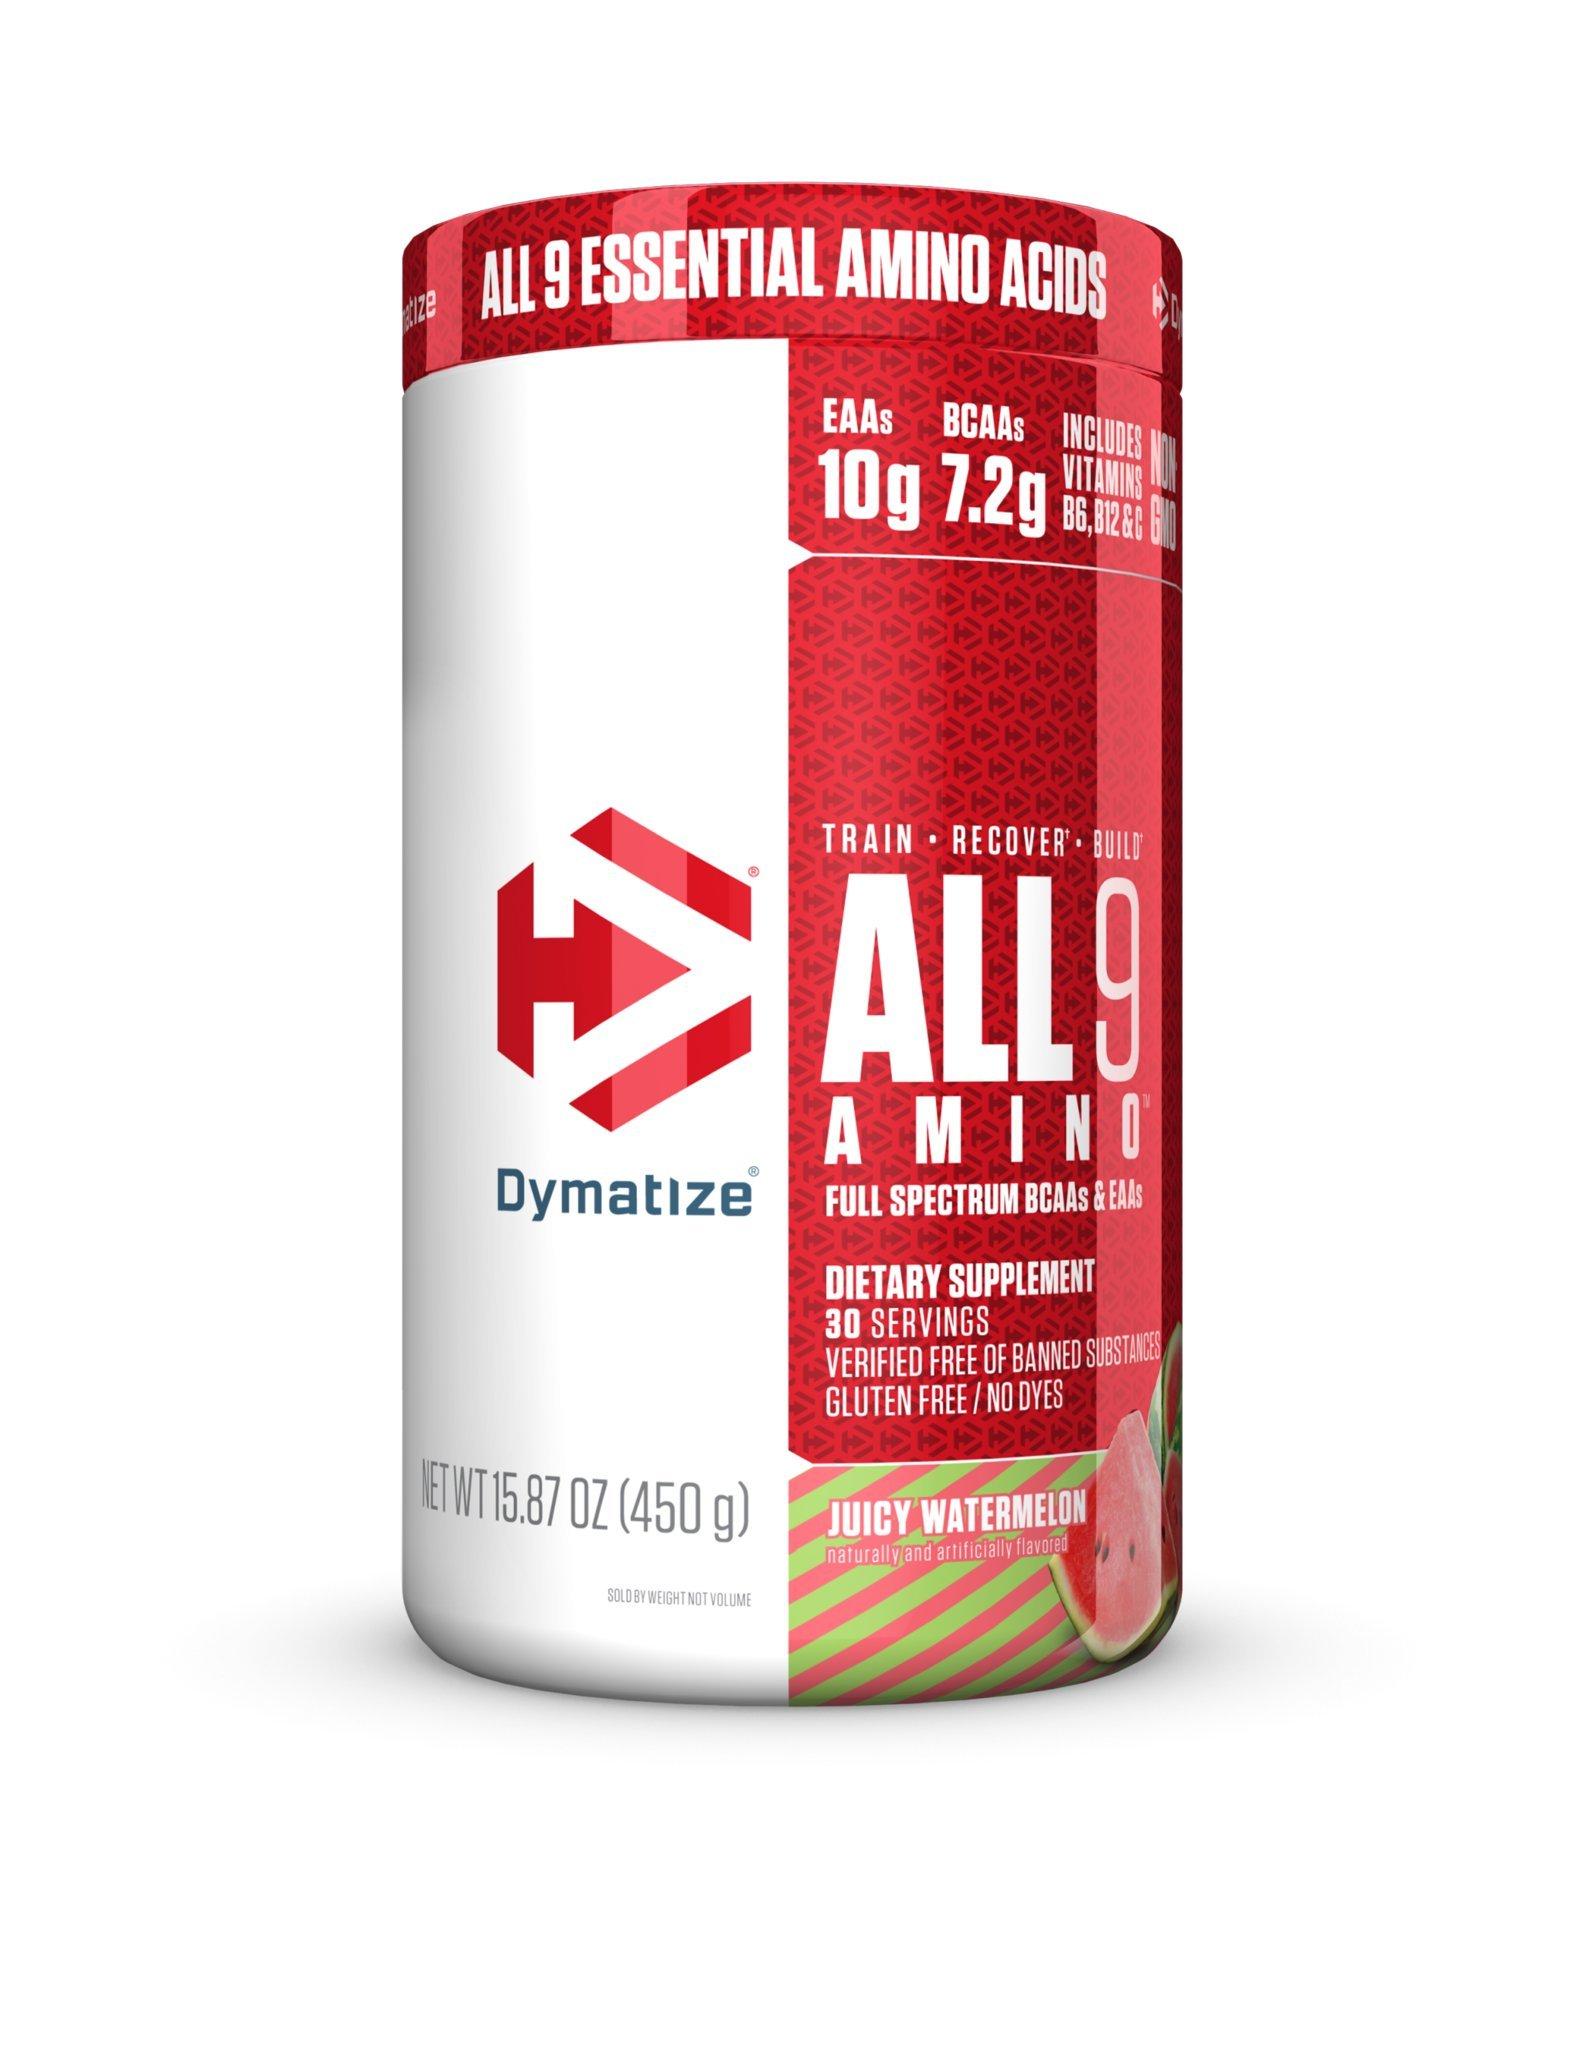 Dymatize amino acids